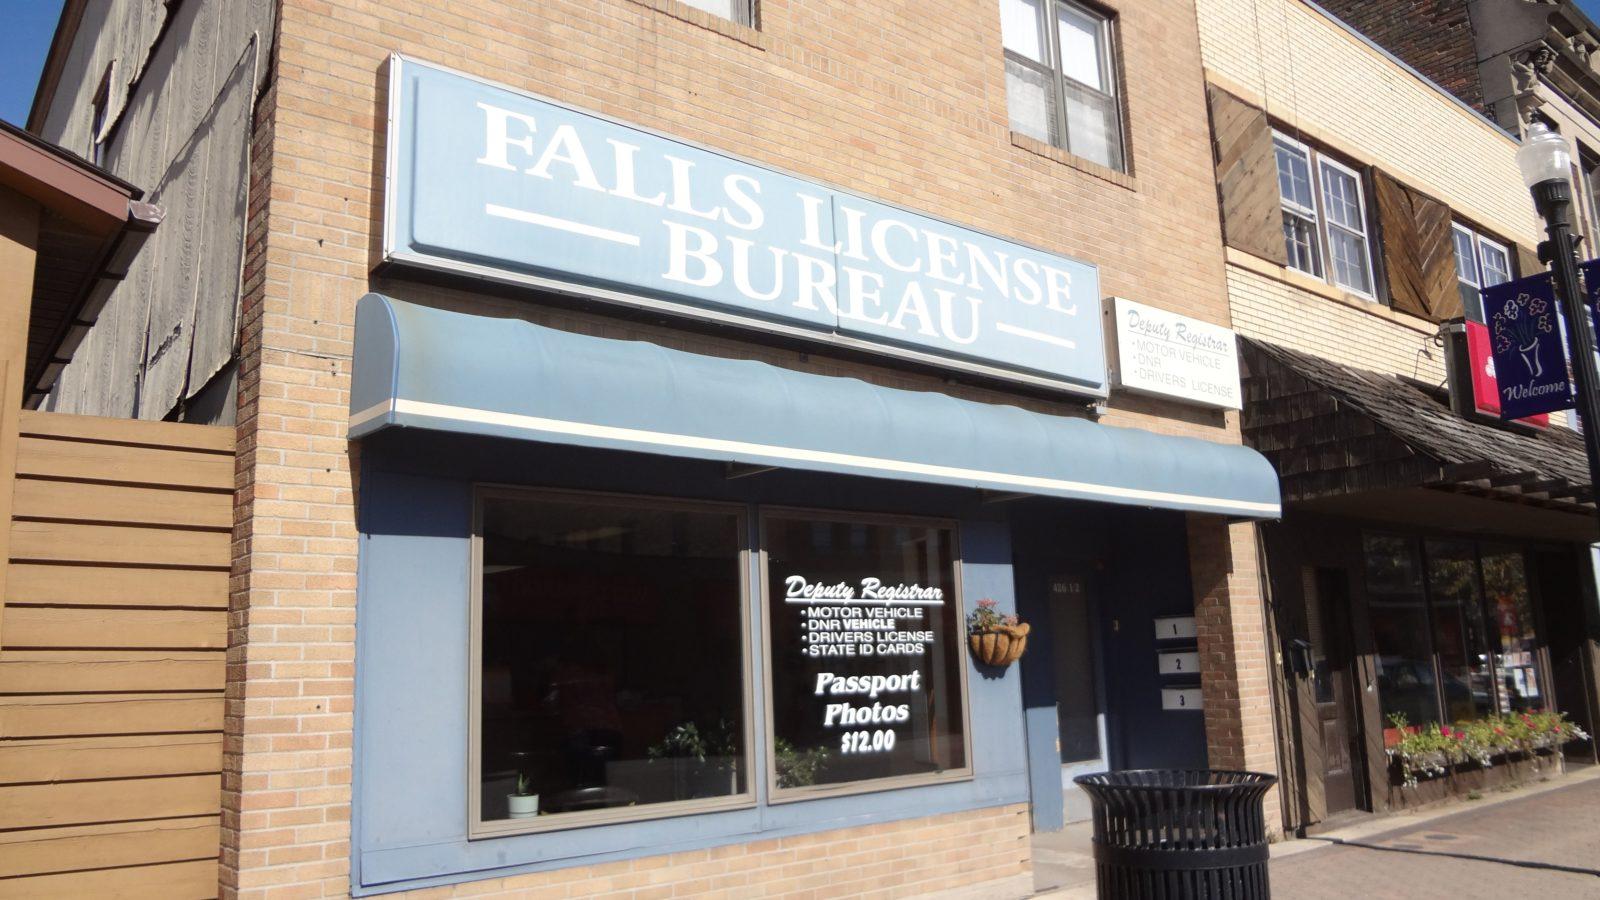 Falls License Bureau exterior shot